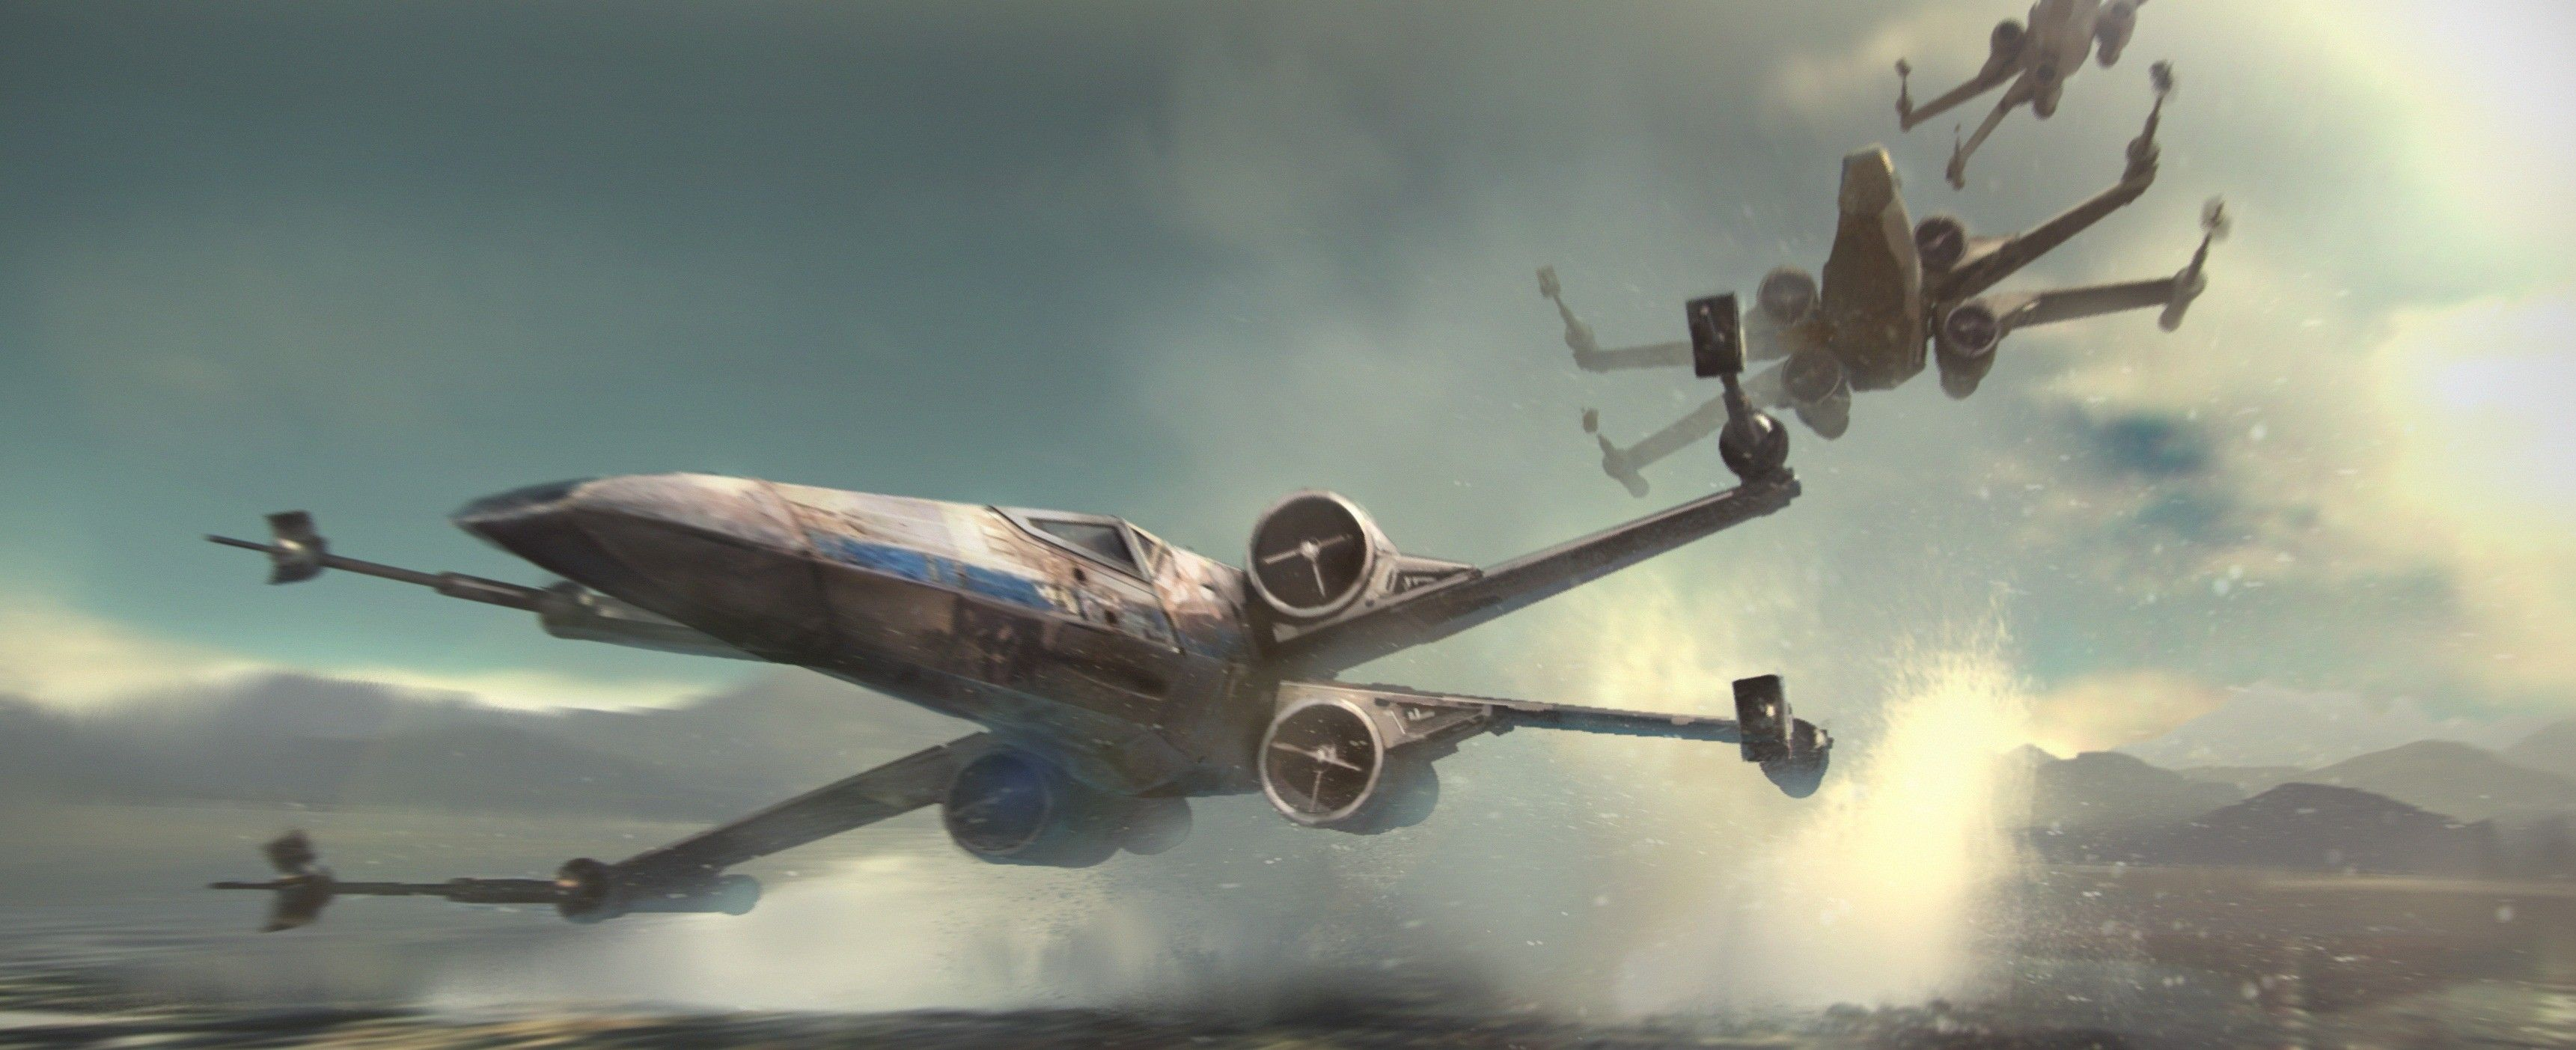 X Wing Star Wars Wallpaper Star Wars Concept Art Star Wars Fan Art